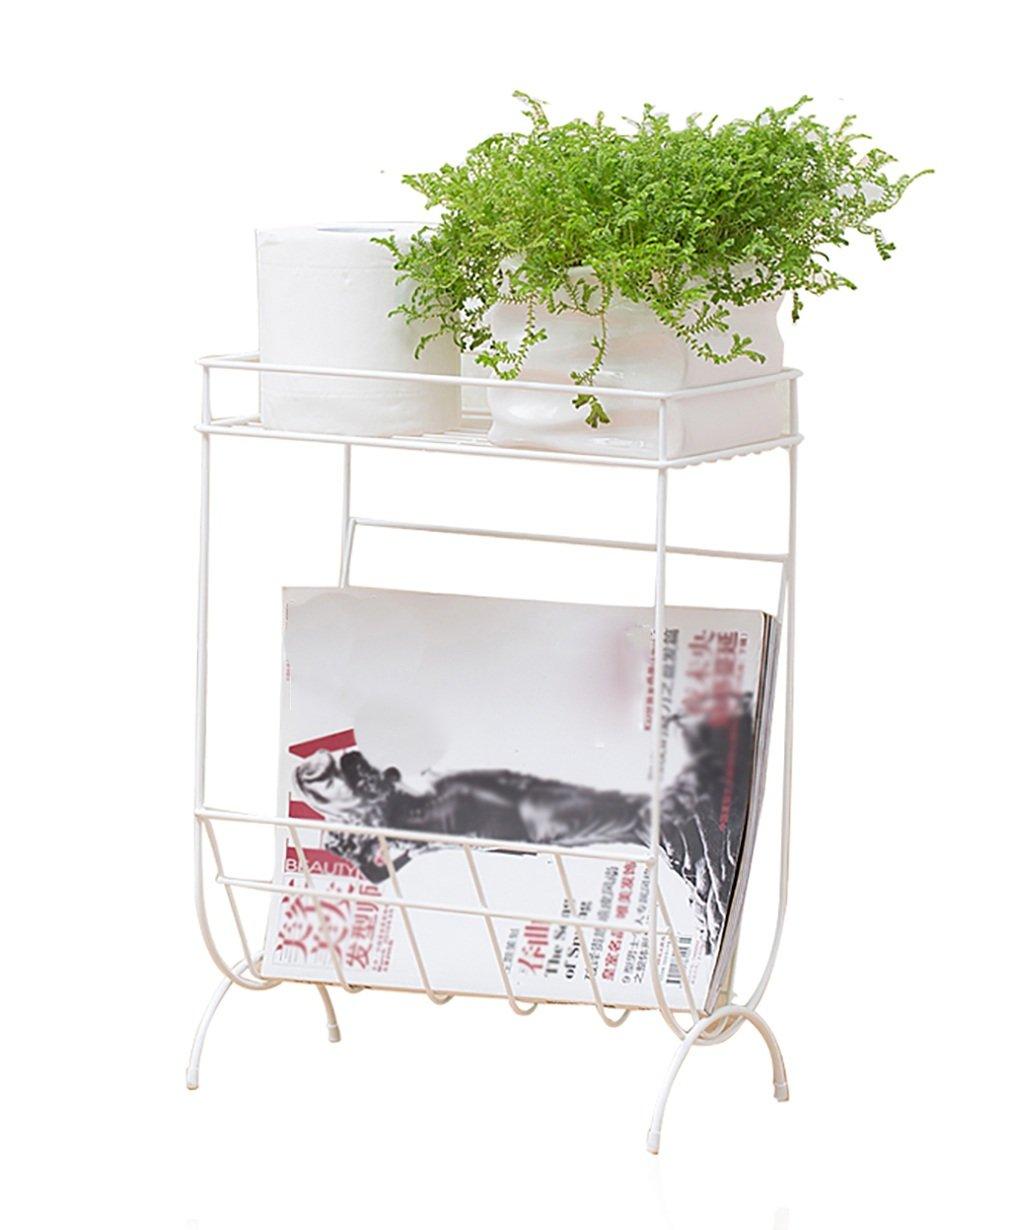 LB huajia ZHANWEI Edelstahl-Blumen-Racks European Simplicity Schlafzimmer Wohnzimmer mit WC-Speicher Rack Weiß